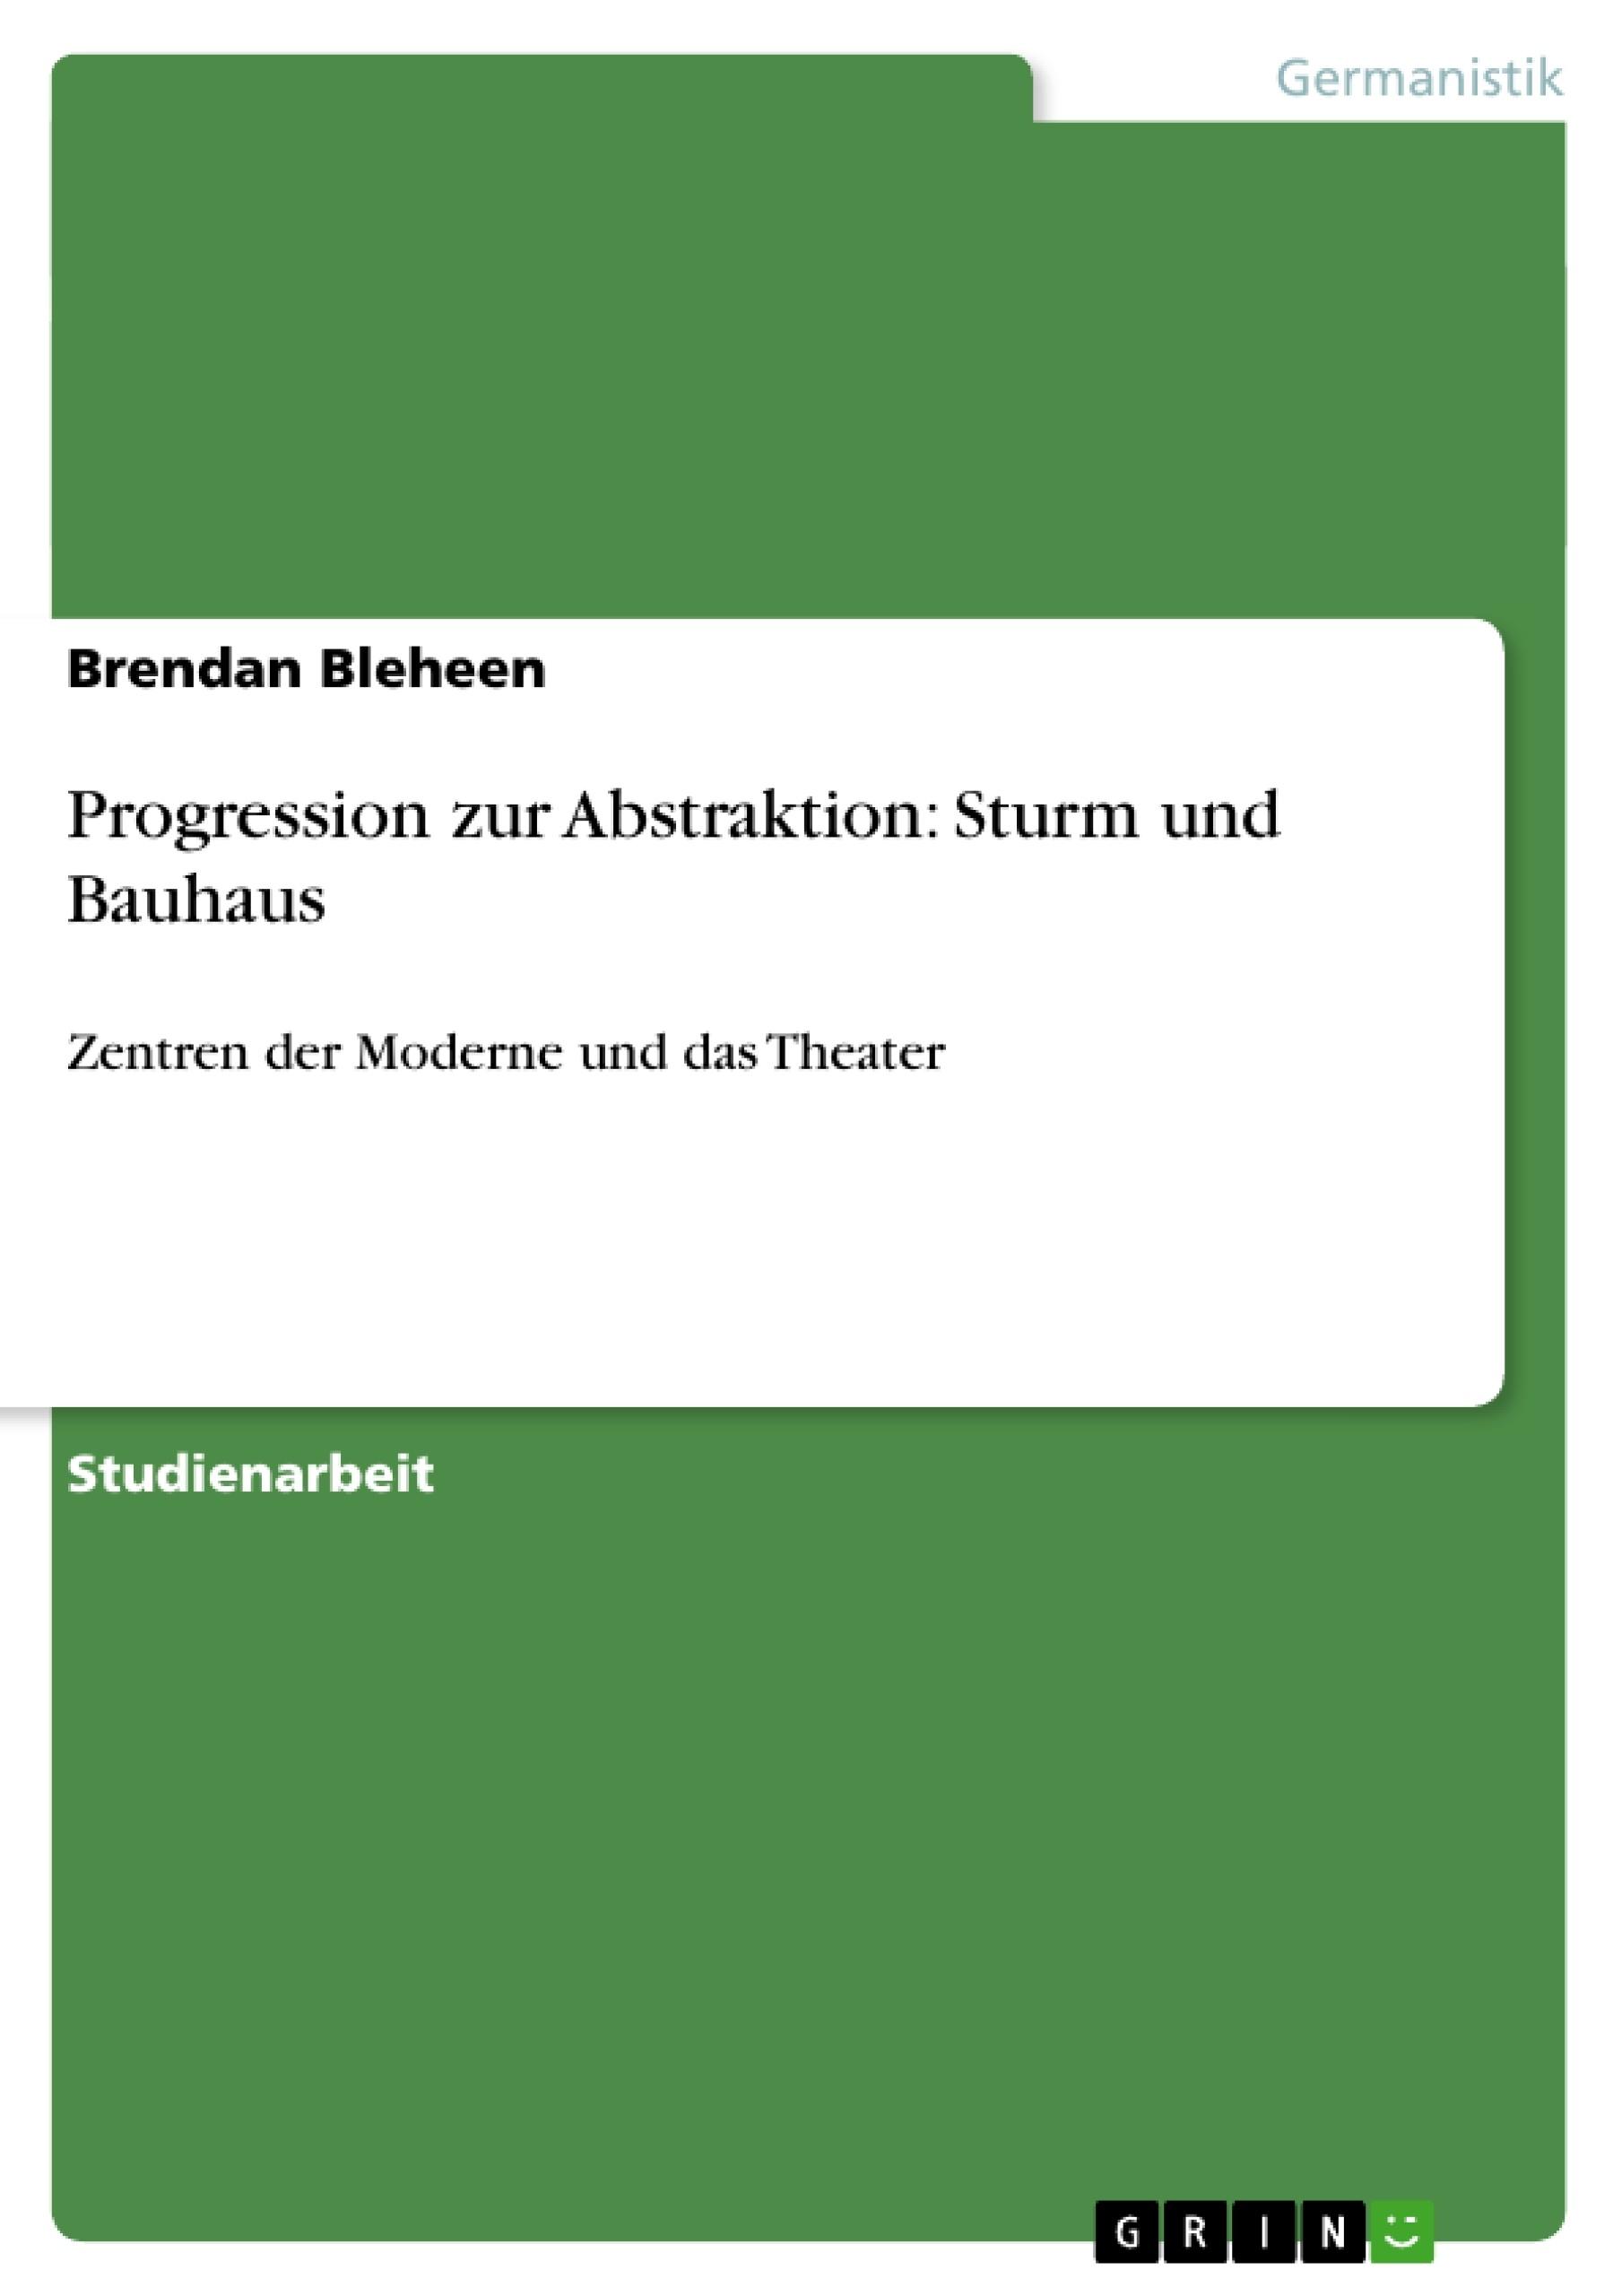 Titel: Progression zur Abstraktion: Sturm und Bauhaus